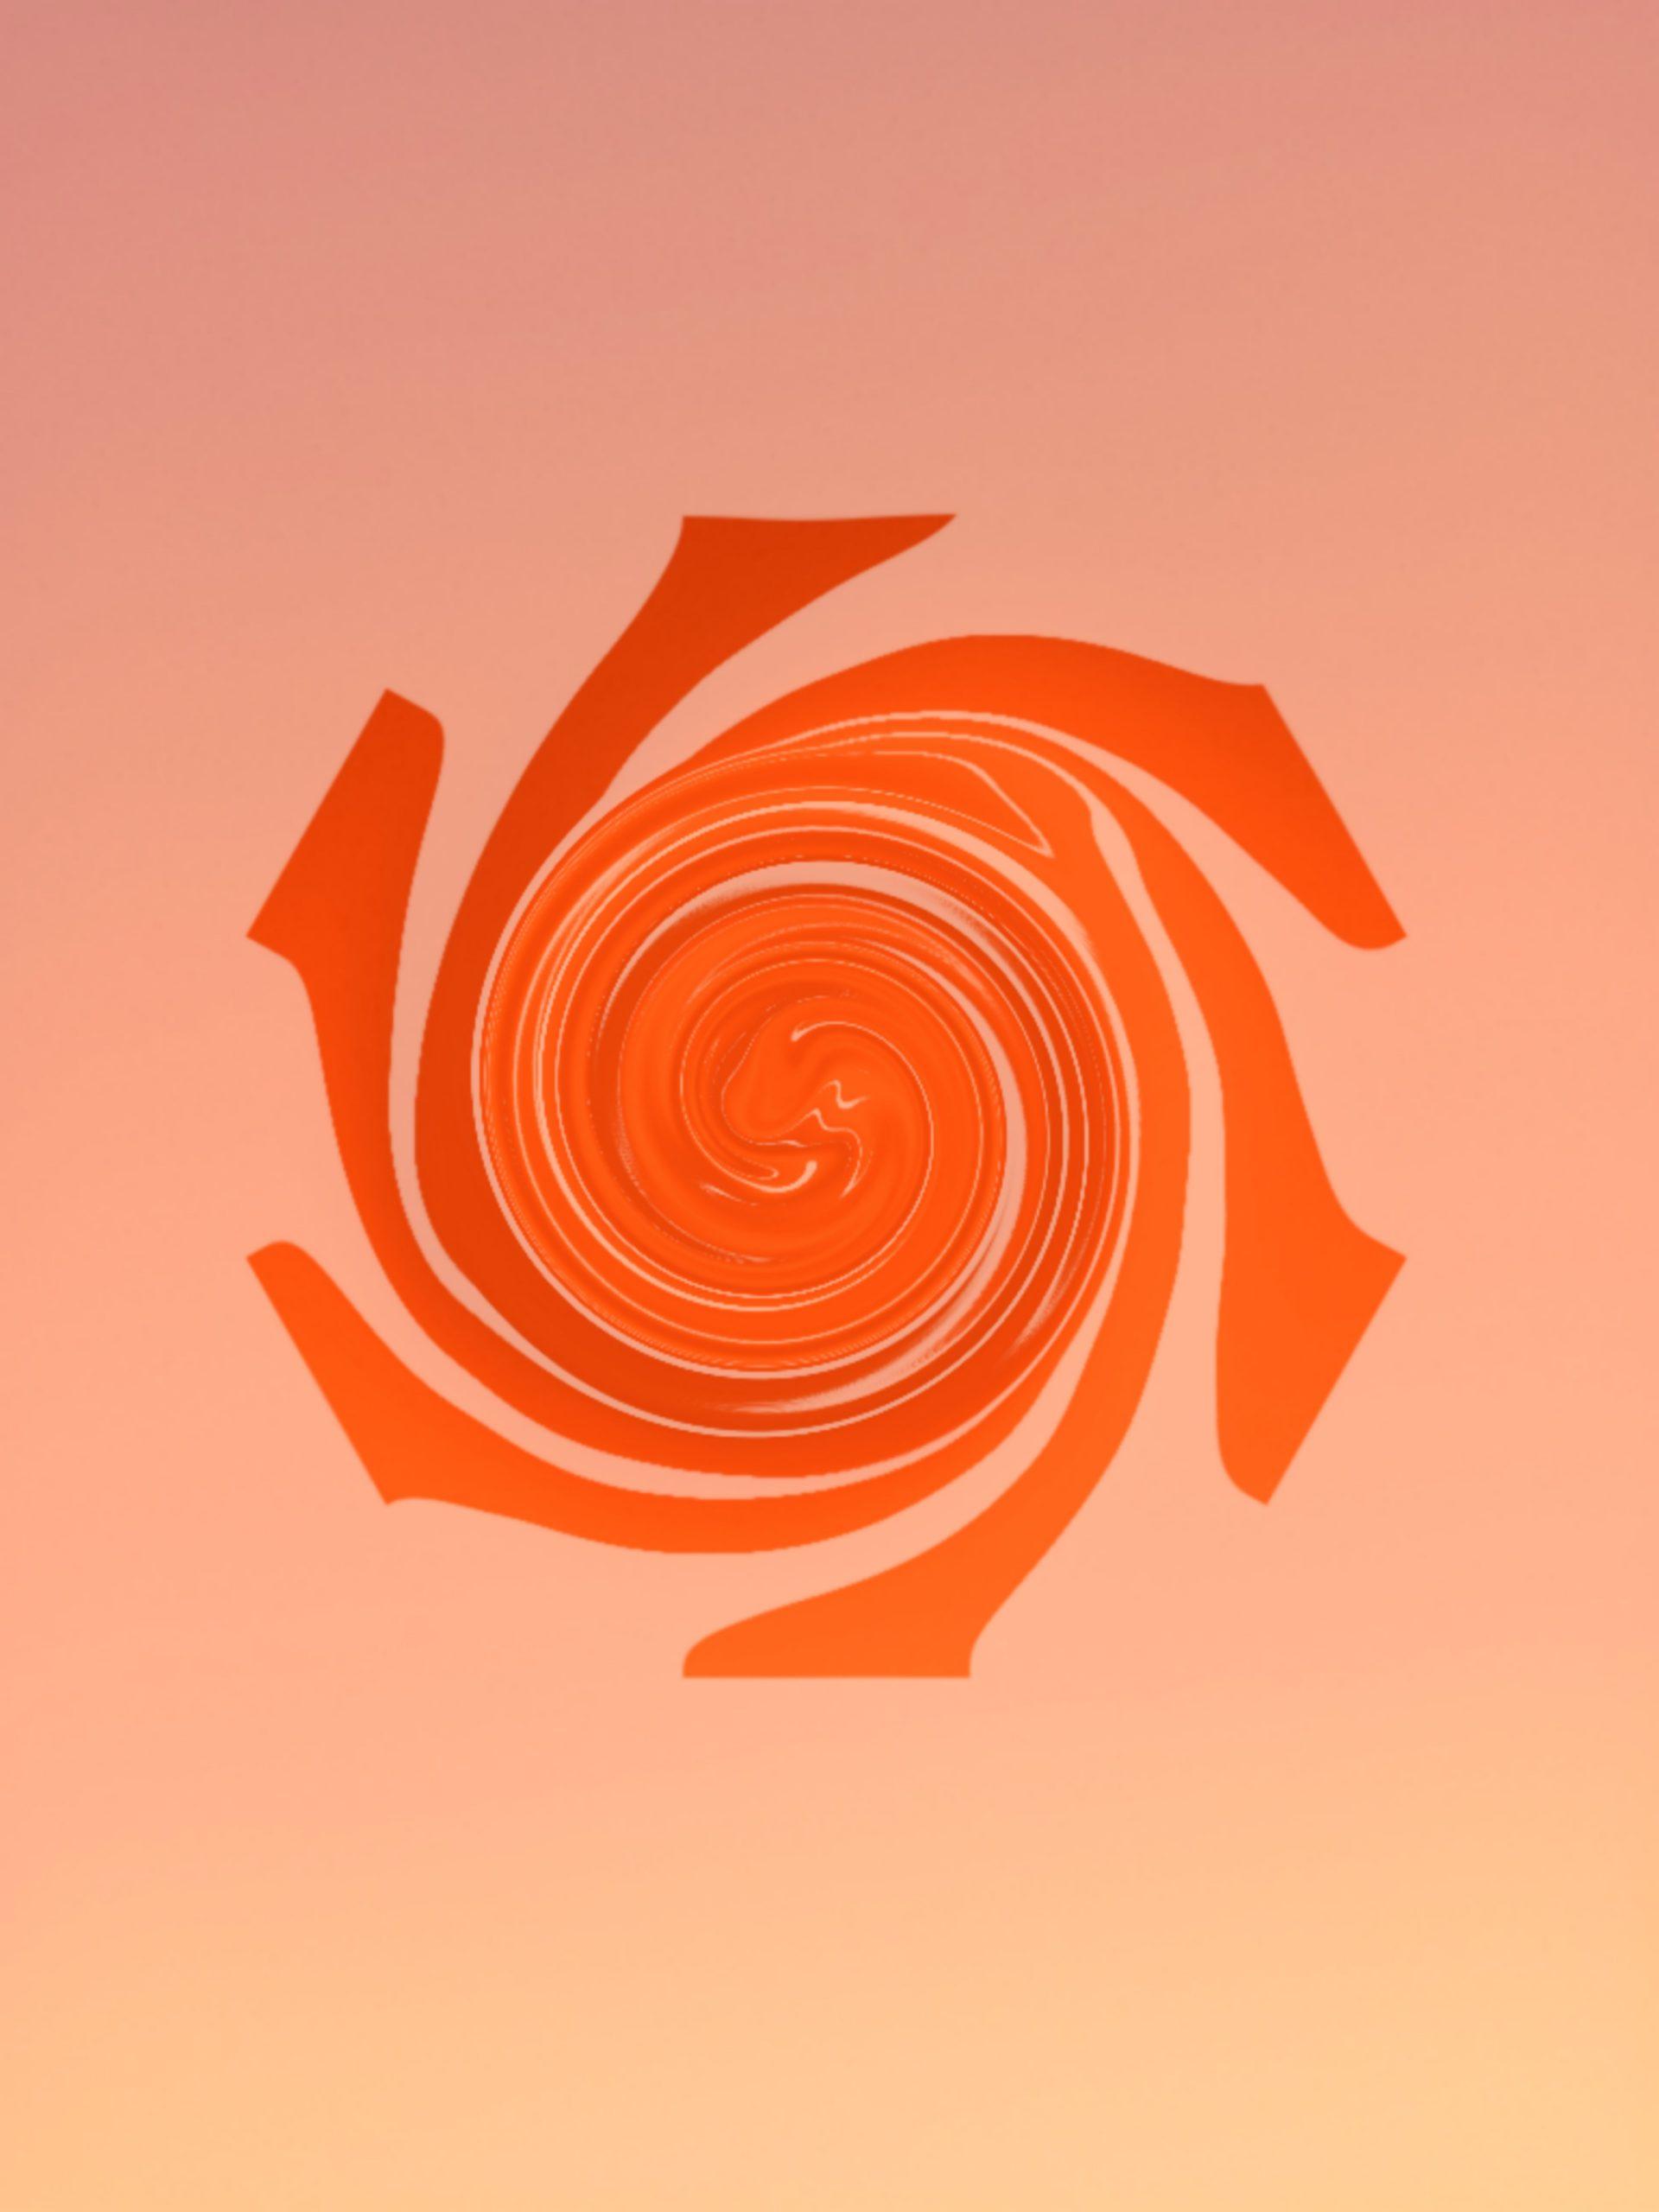 A vortex design